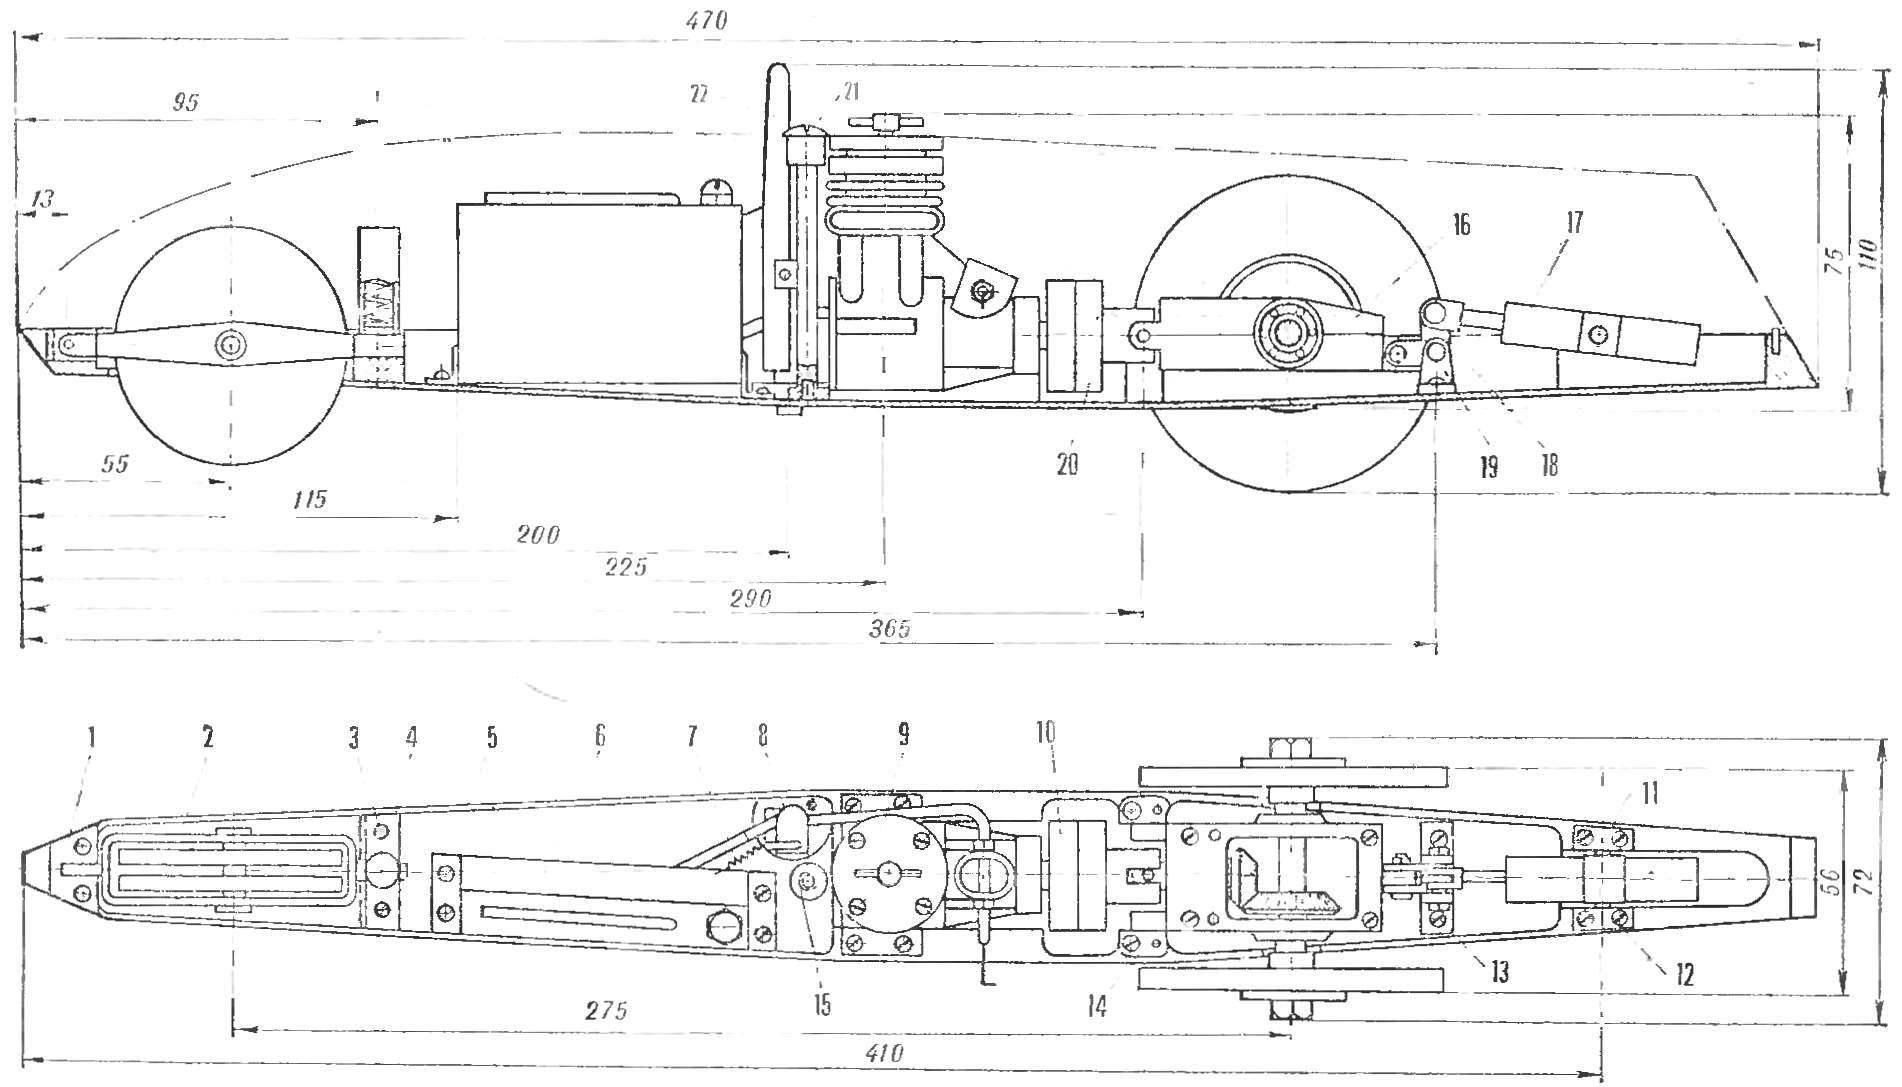 Гоночная автомодель с двигателем МД-2,5 «Метеор». Кордовая планка и верхний обтекатель условно не показаны